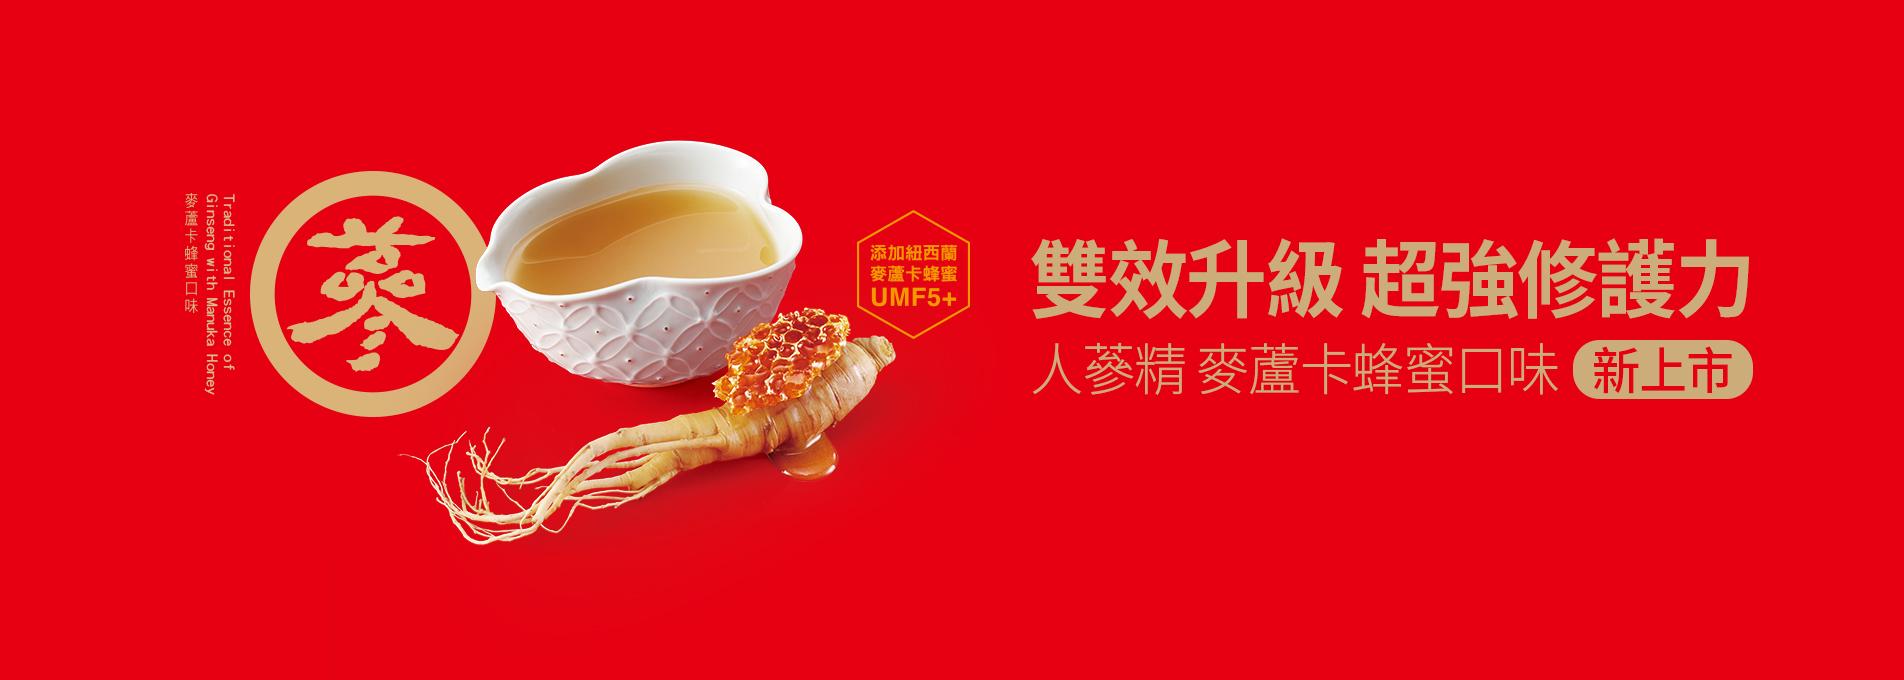 人蔘精禮盒  麥蘆卡蜂蜜口味(14入)